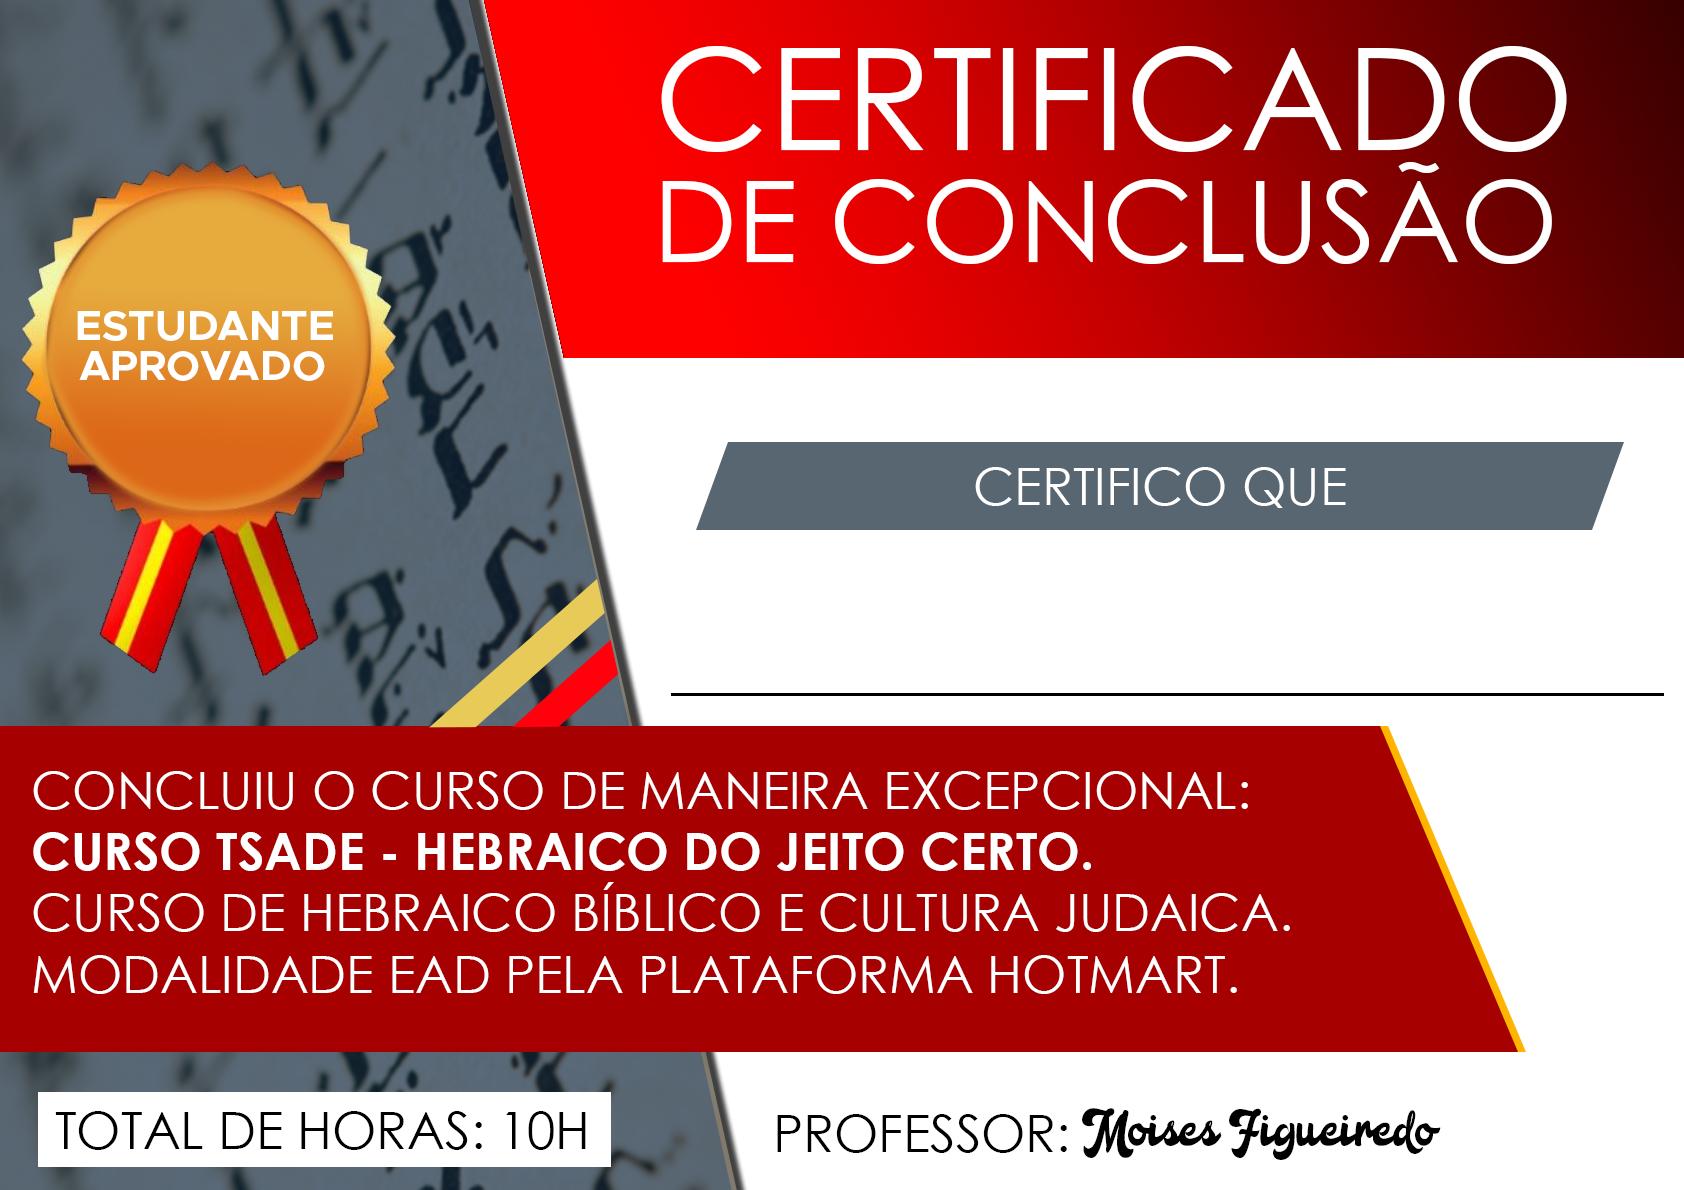 Certificado Curso Tsade - Hebraico do Jeito Certo